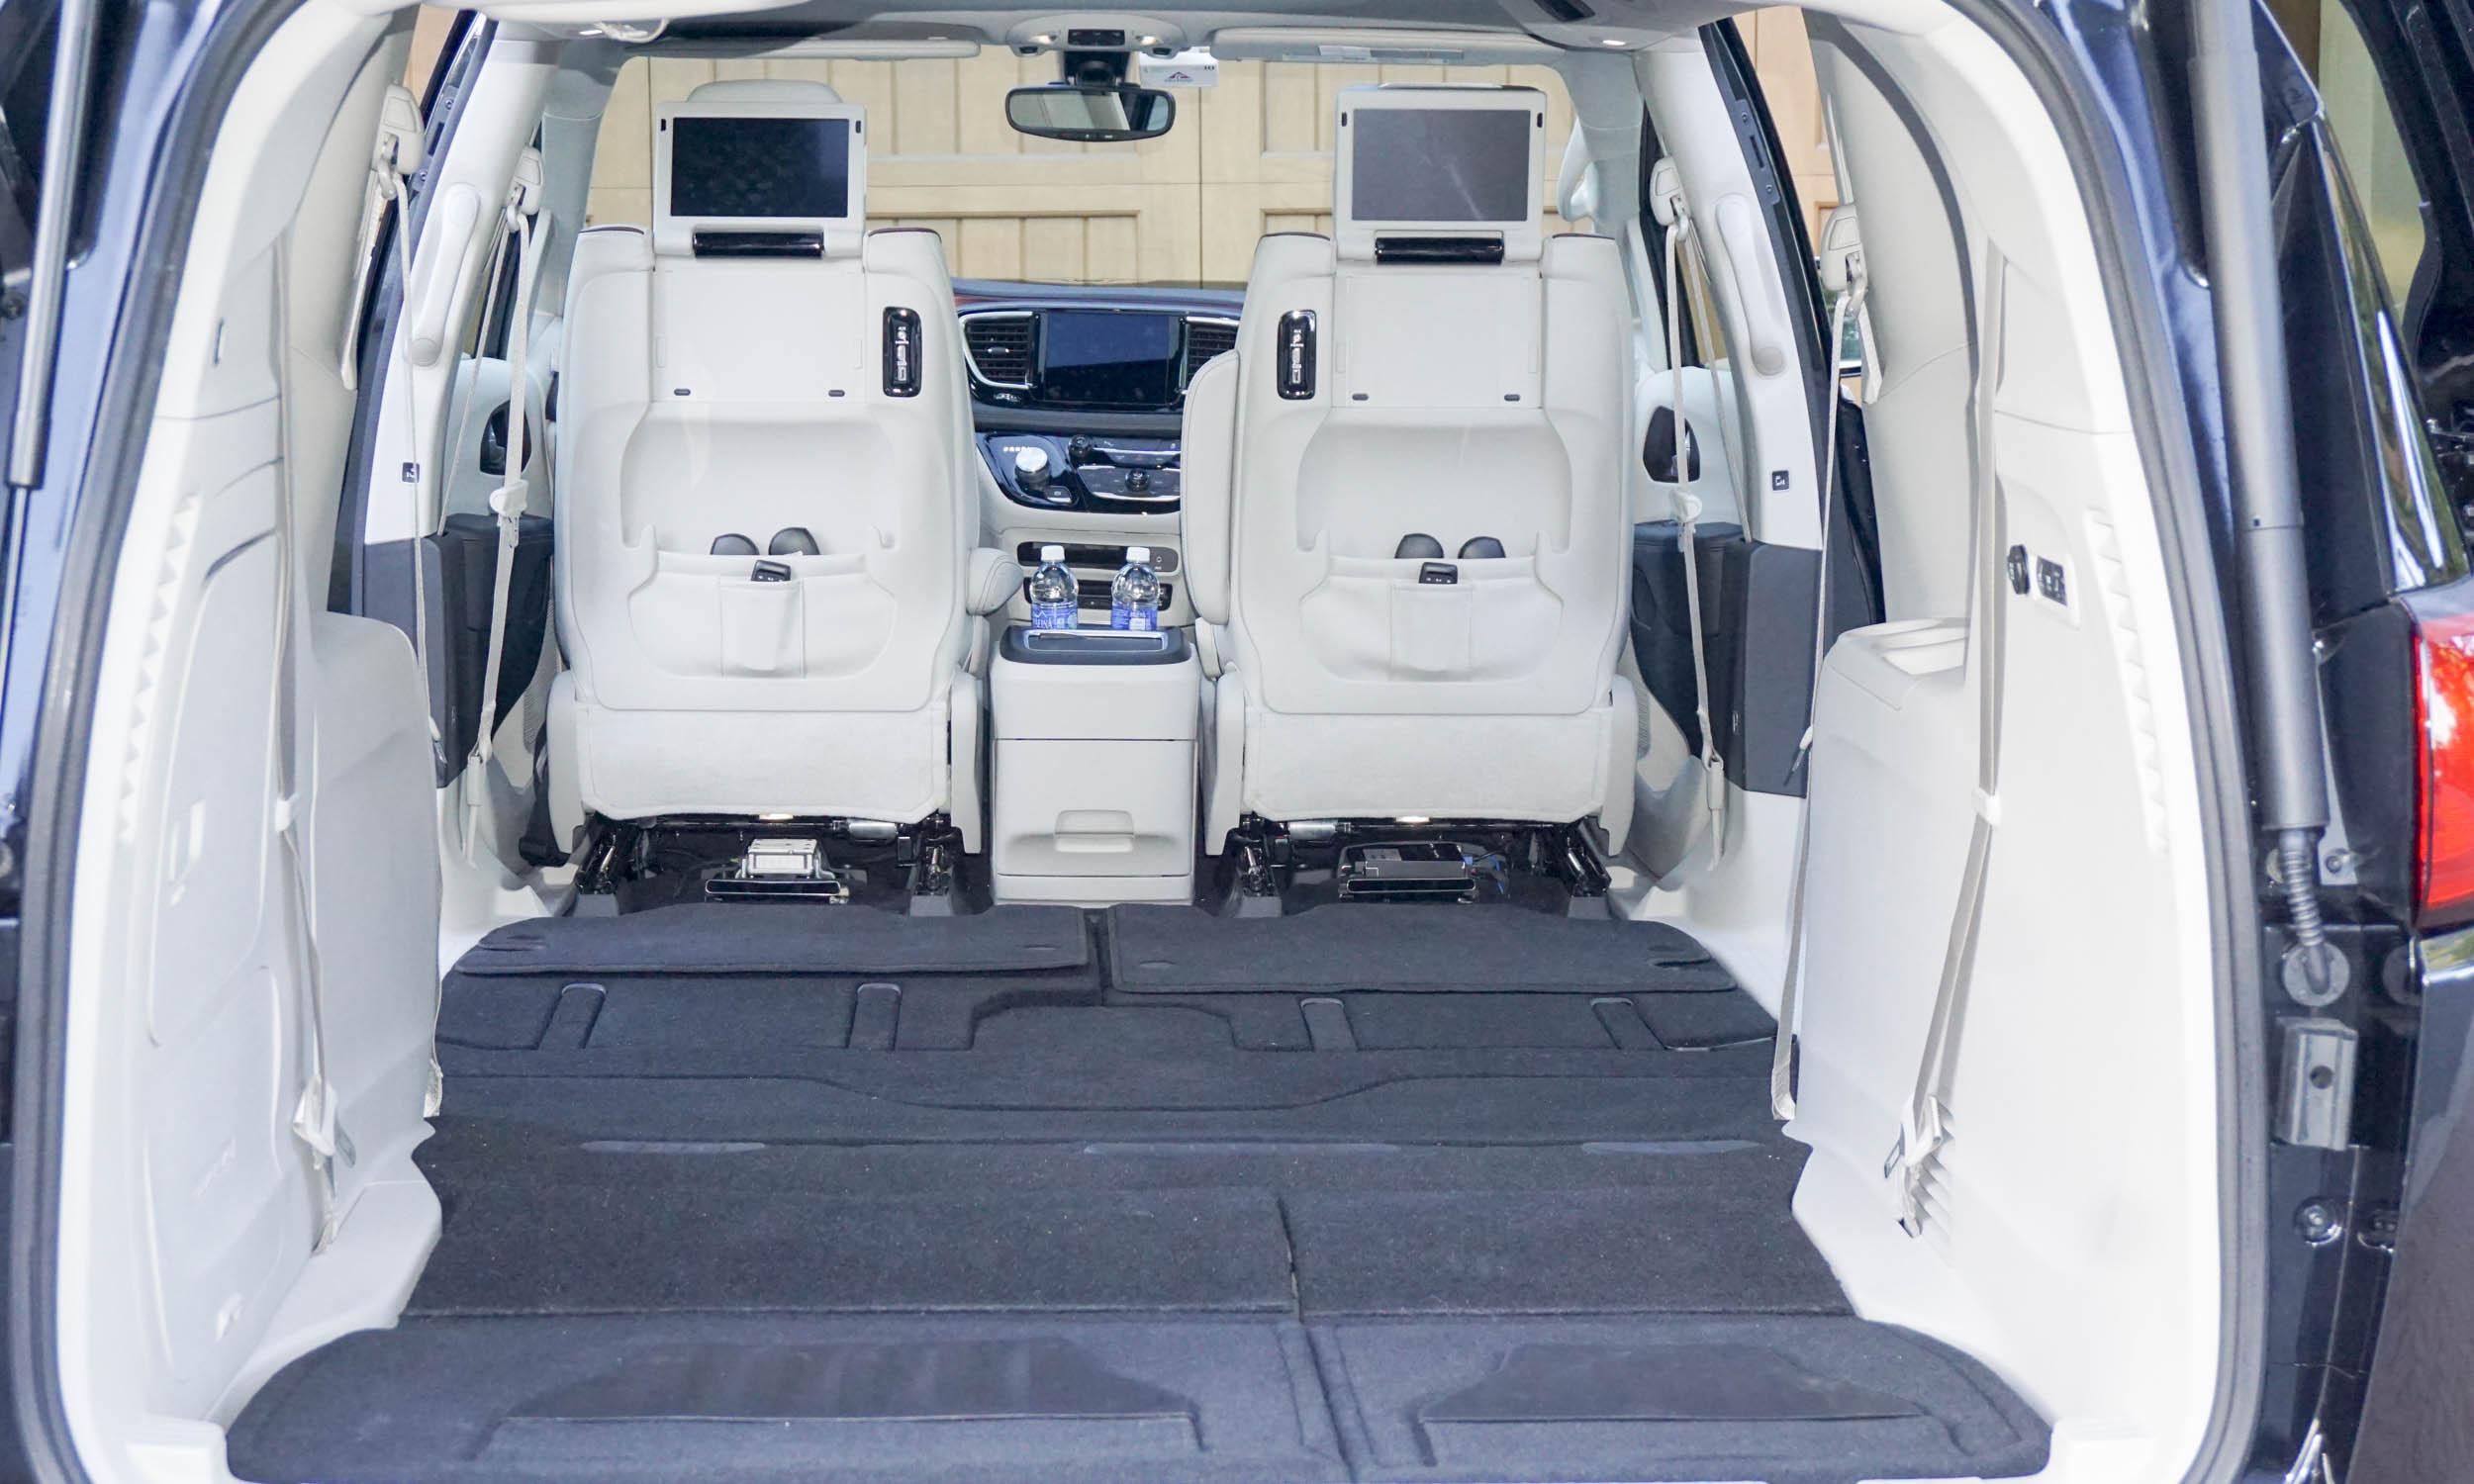 Toyota Van 2018 >> Why Buy a Minivan? » AutoNXT